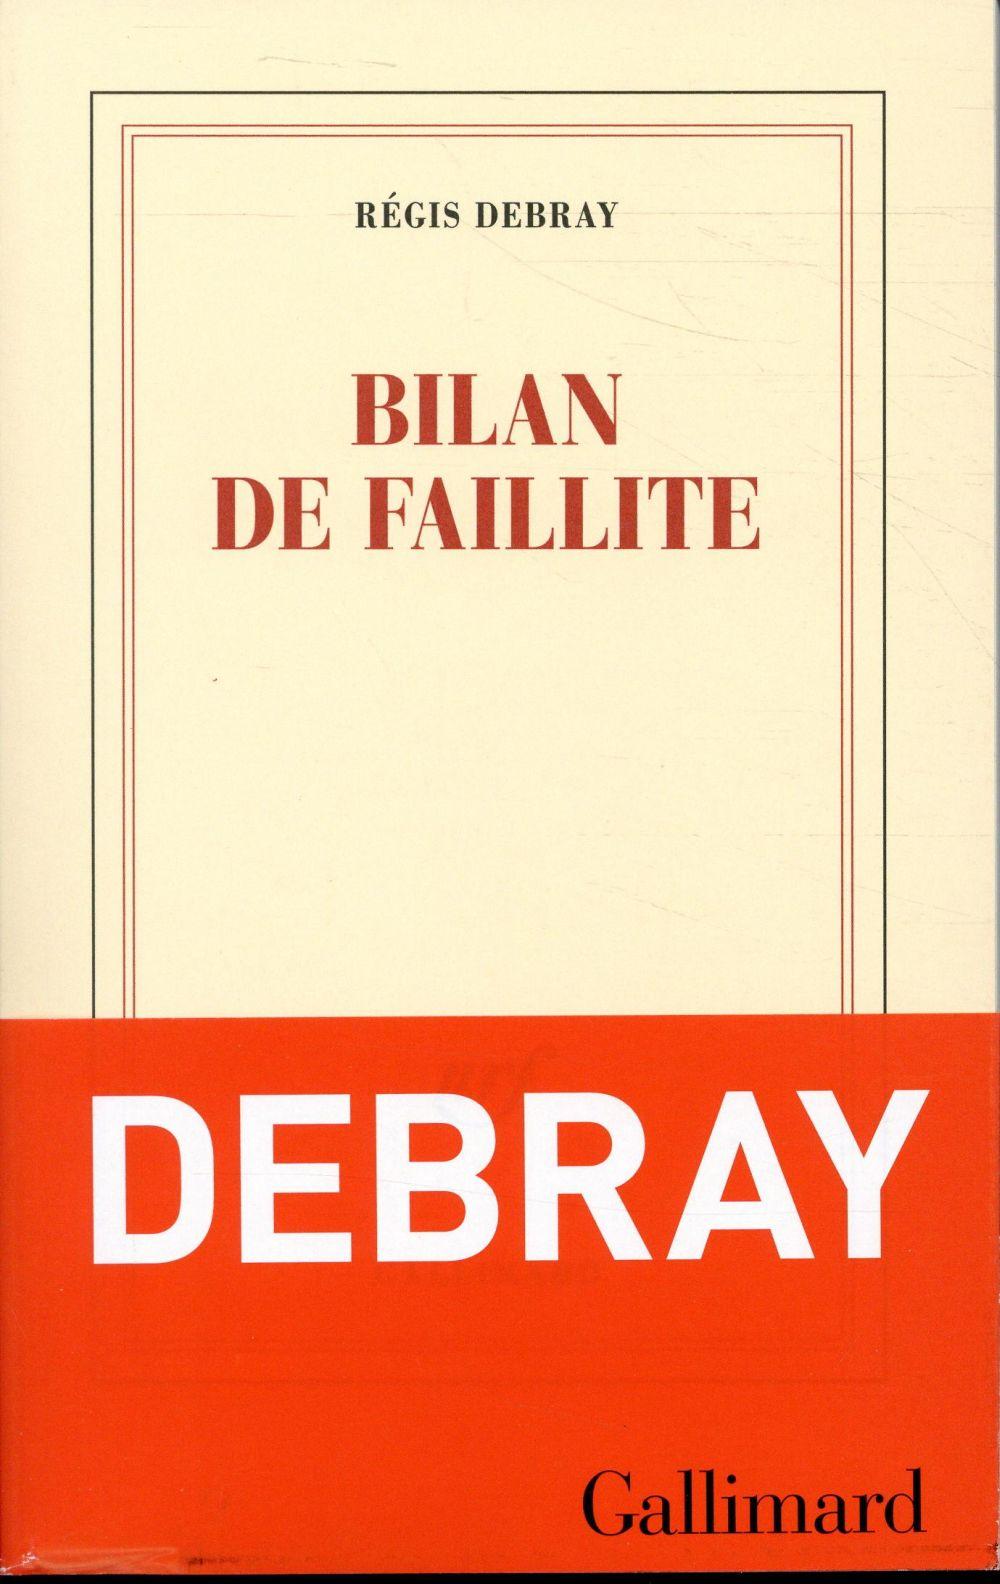 BILAN DE FAILLITE